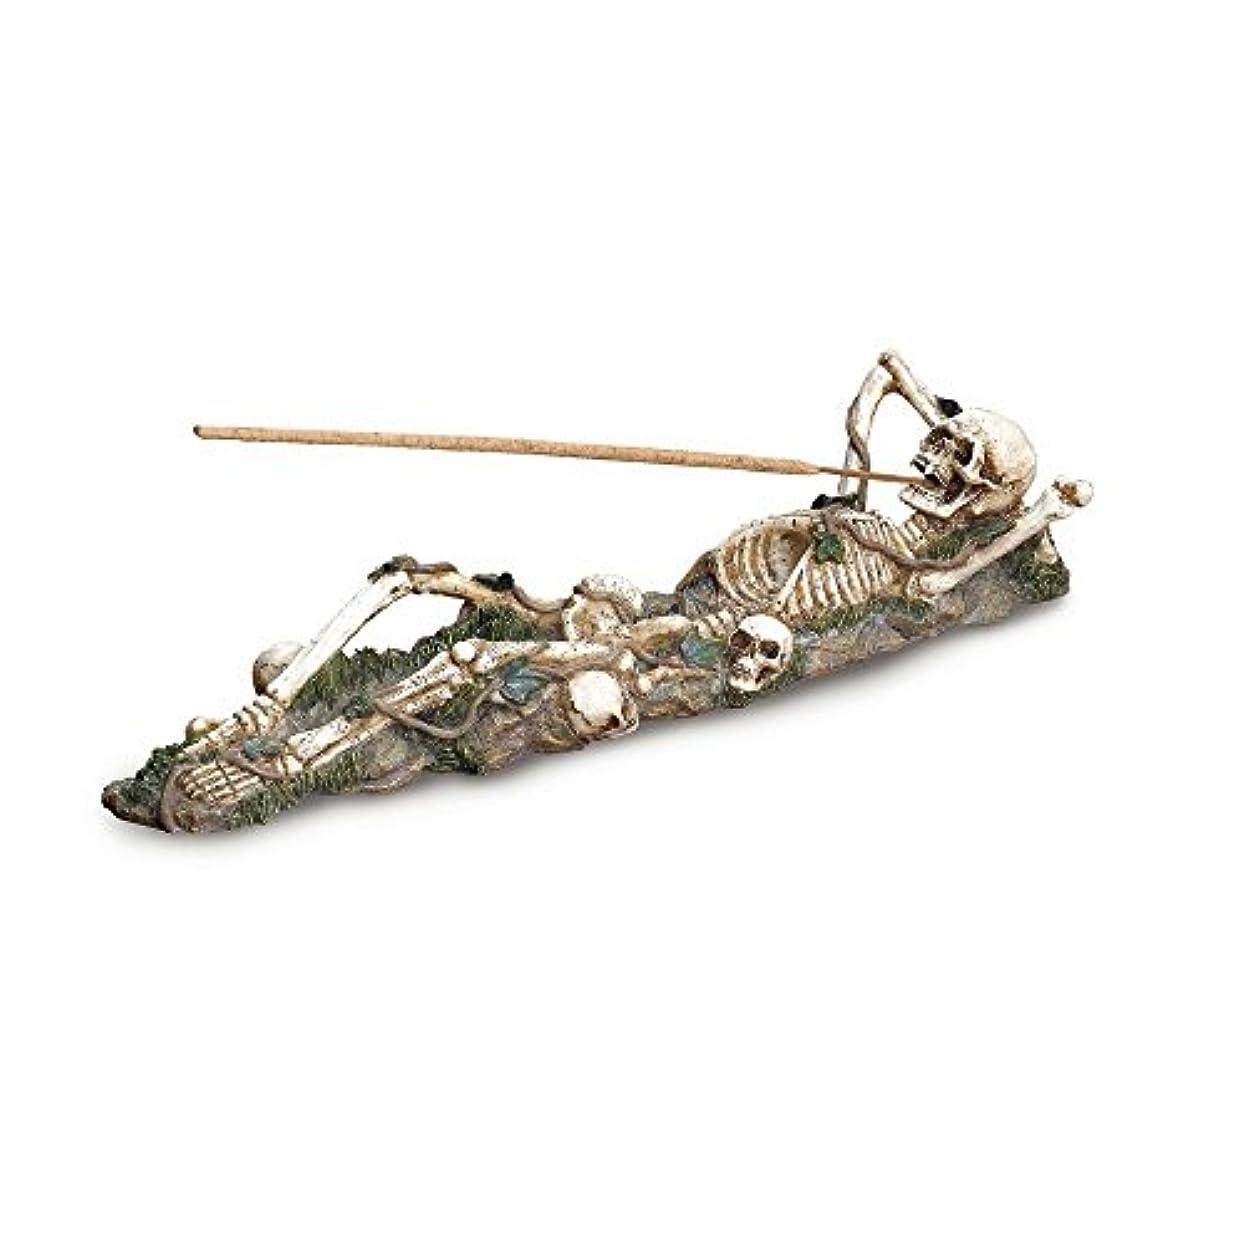 摂氏度速記忘れるGifts & Decor Skeleton Incense Burner Holder Collector Halloween Gift by Gifts & Decor